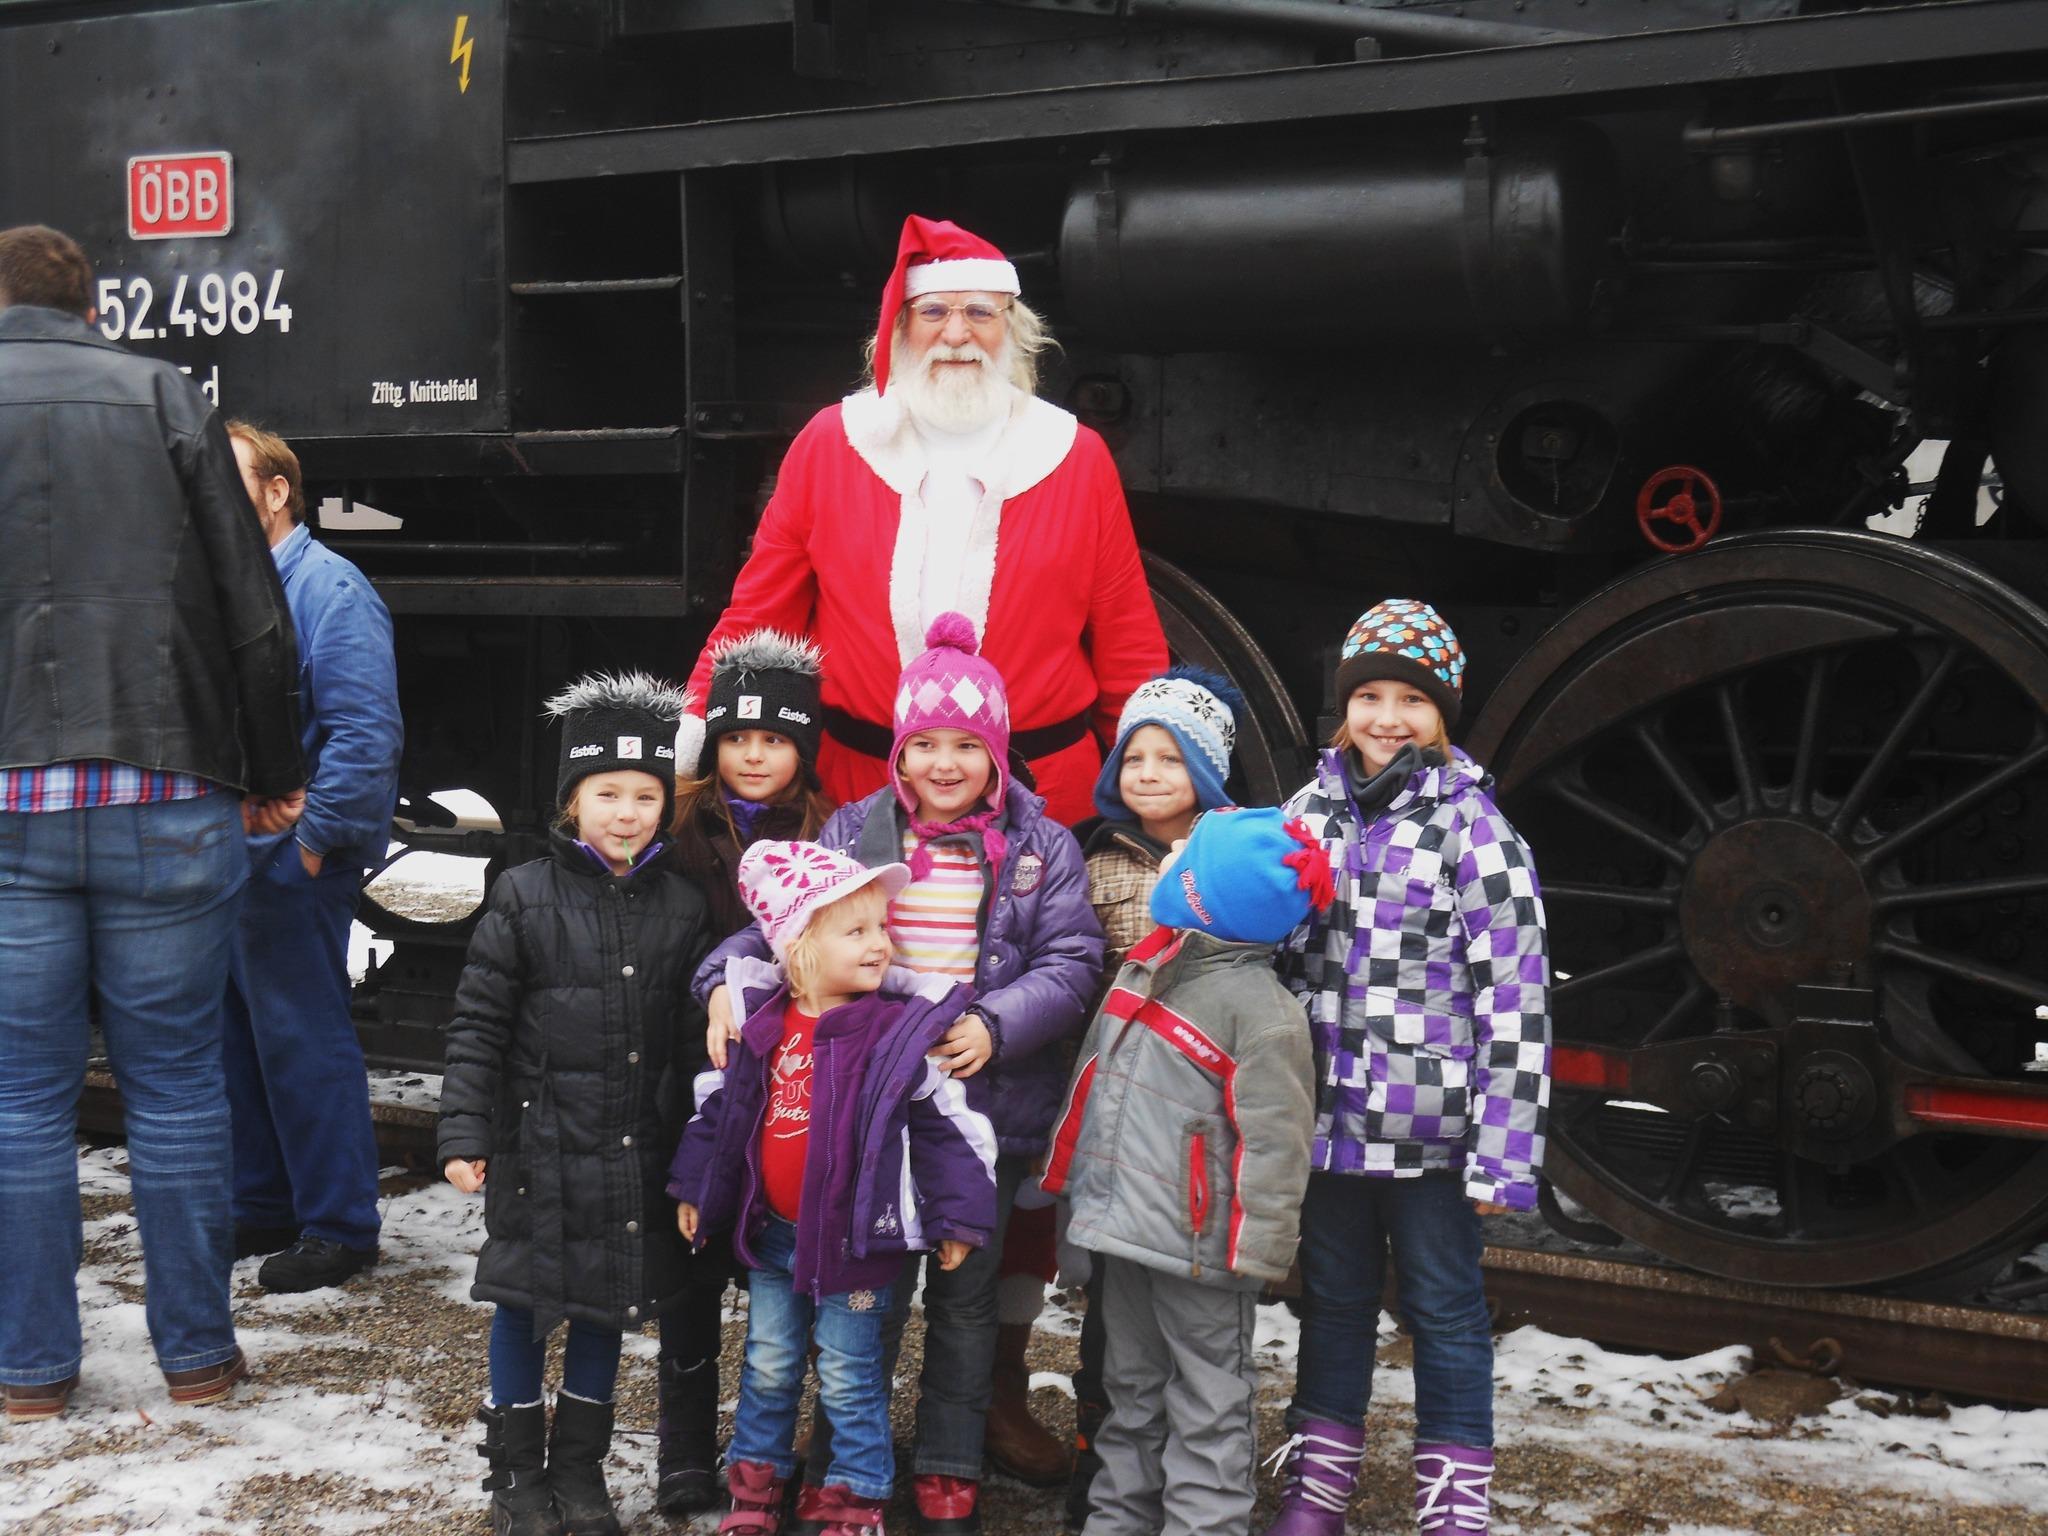 Dampfsonderzug mit Weihnachtsmann - Wiener Neustadt